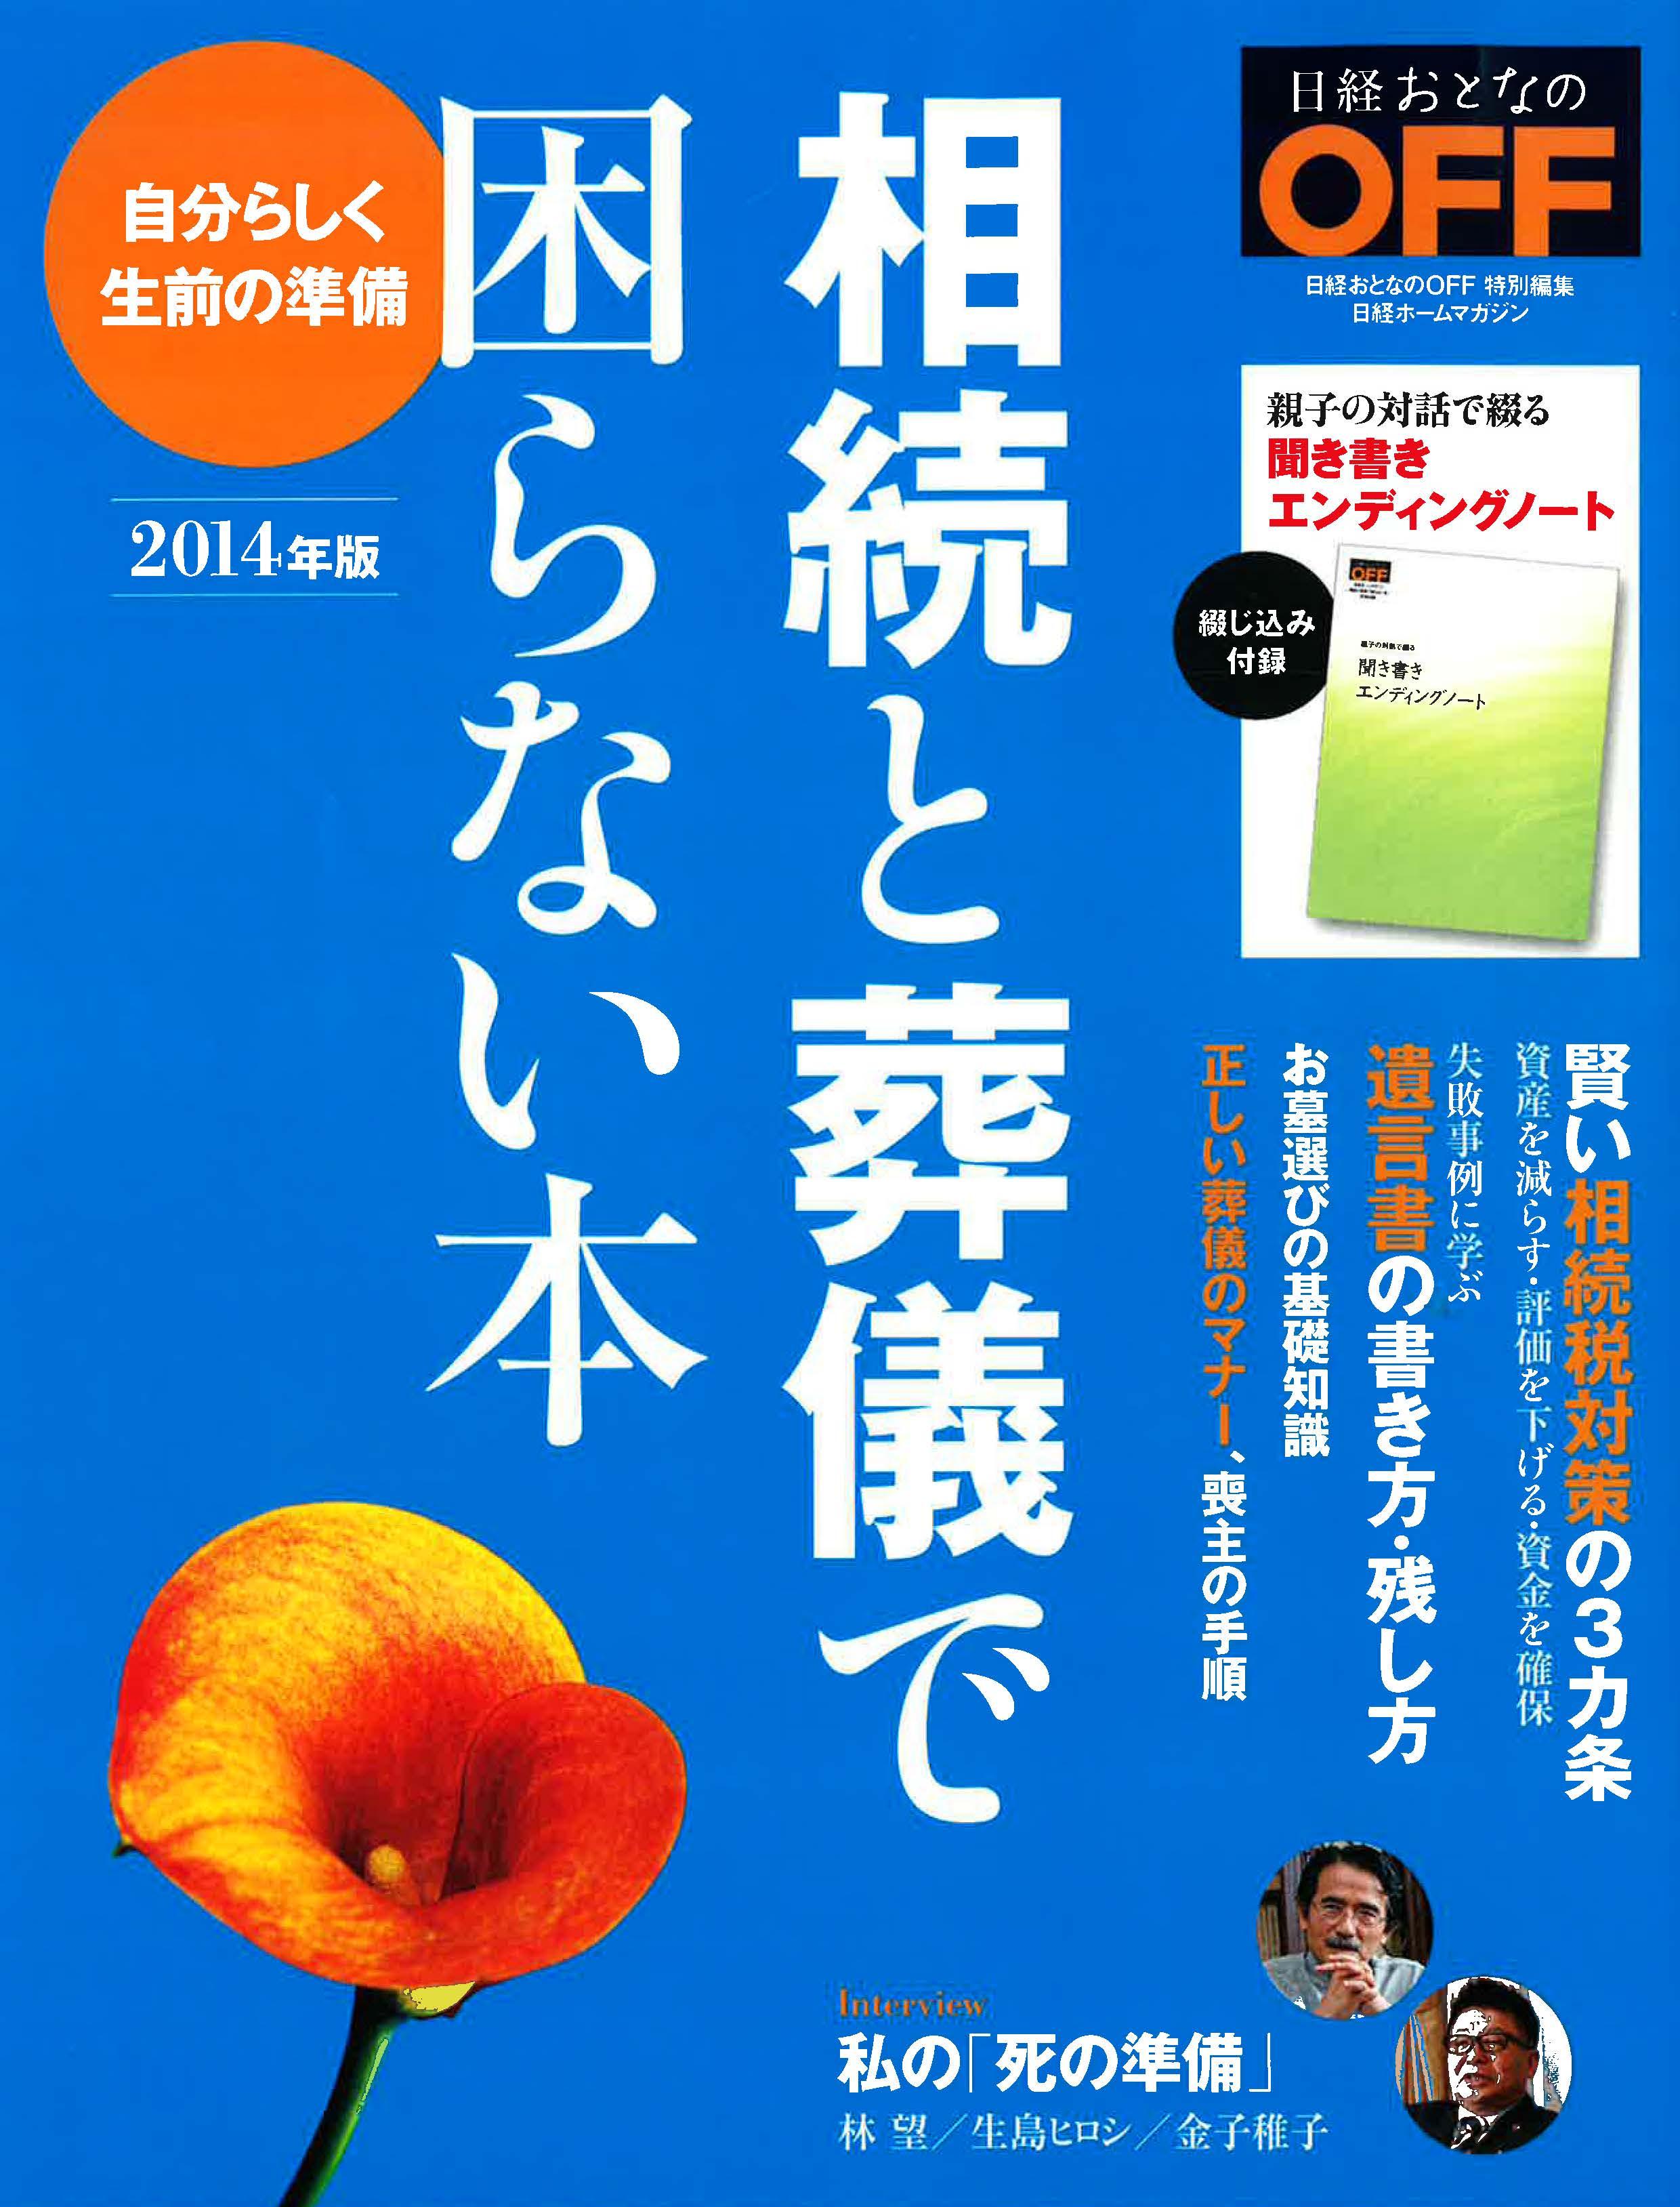 日経おとなのOFF特別編集 相続と葬儀で困らない本 表紙